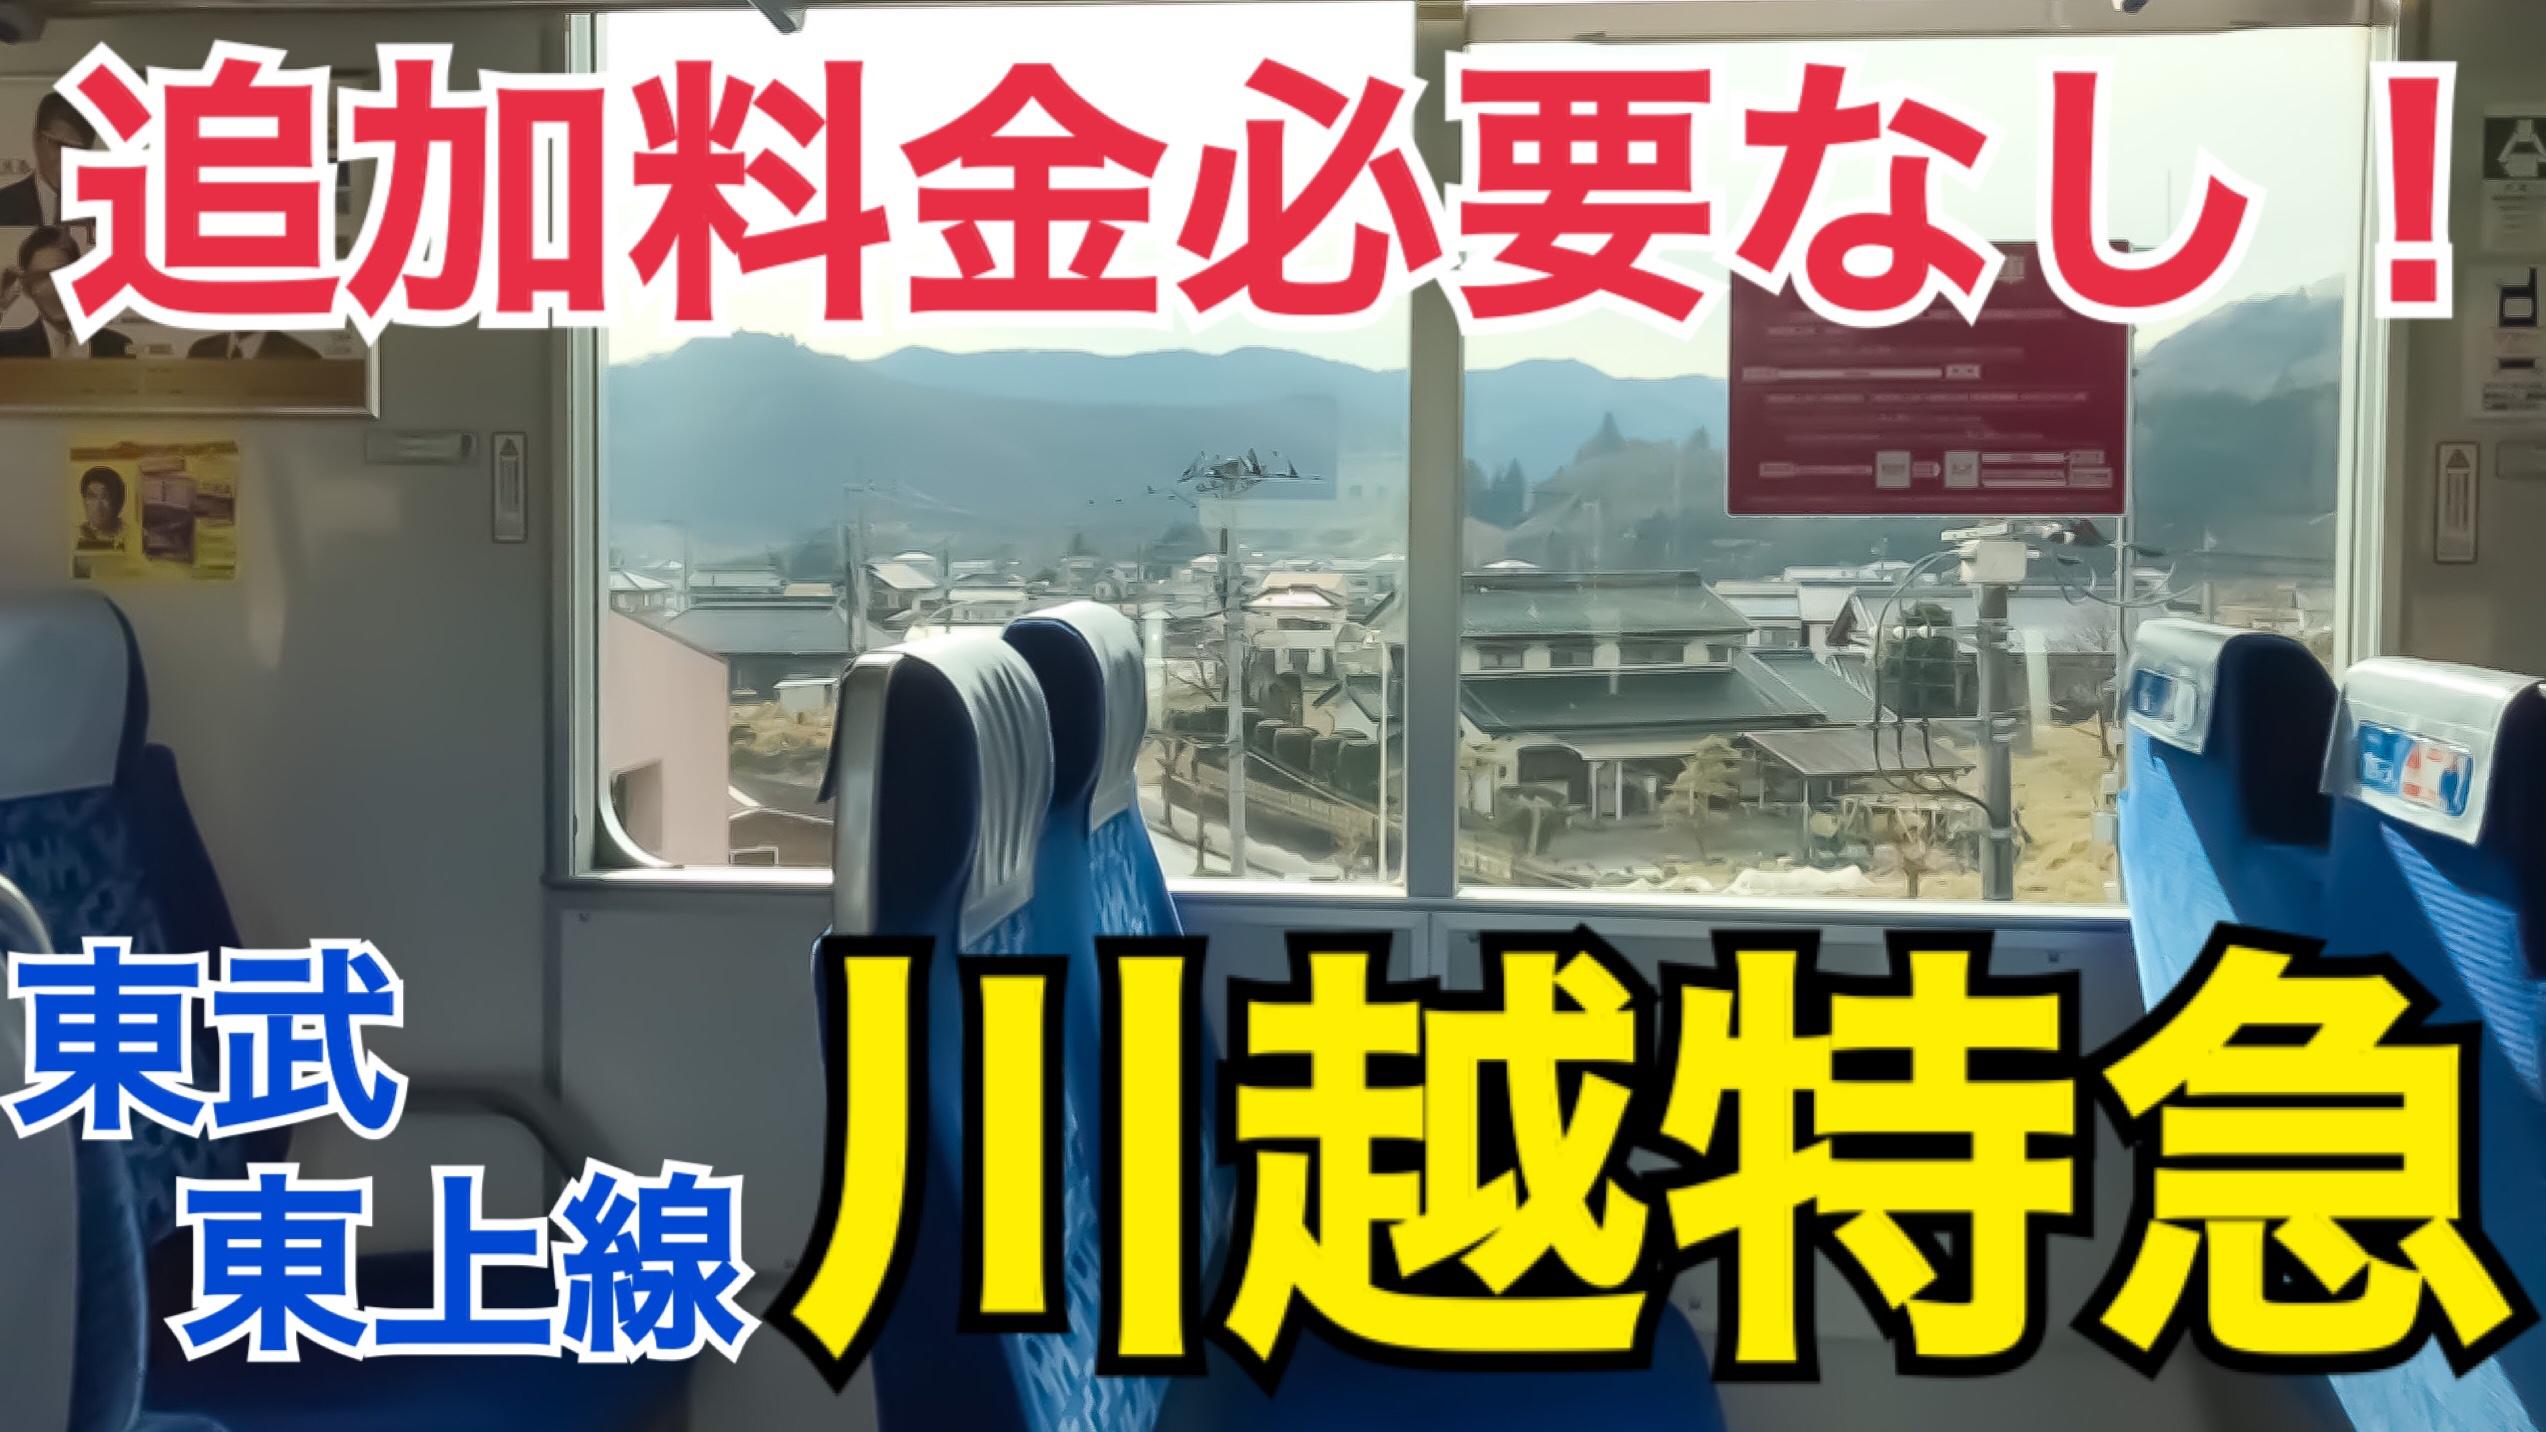 【乗り得】クロスシート運用の川越特急乗車記 東武東上線の最速達種別に乗車!【東上線で秩父の旅】